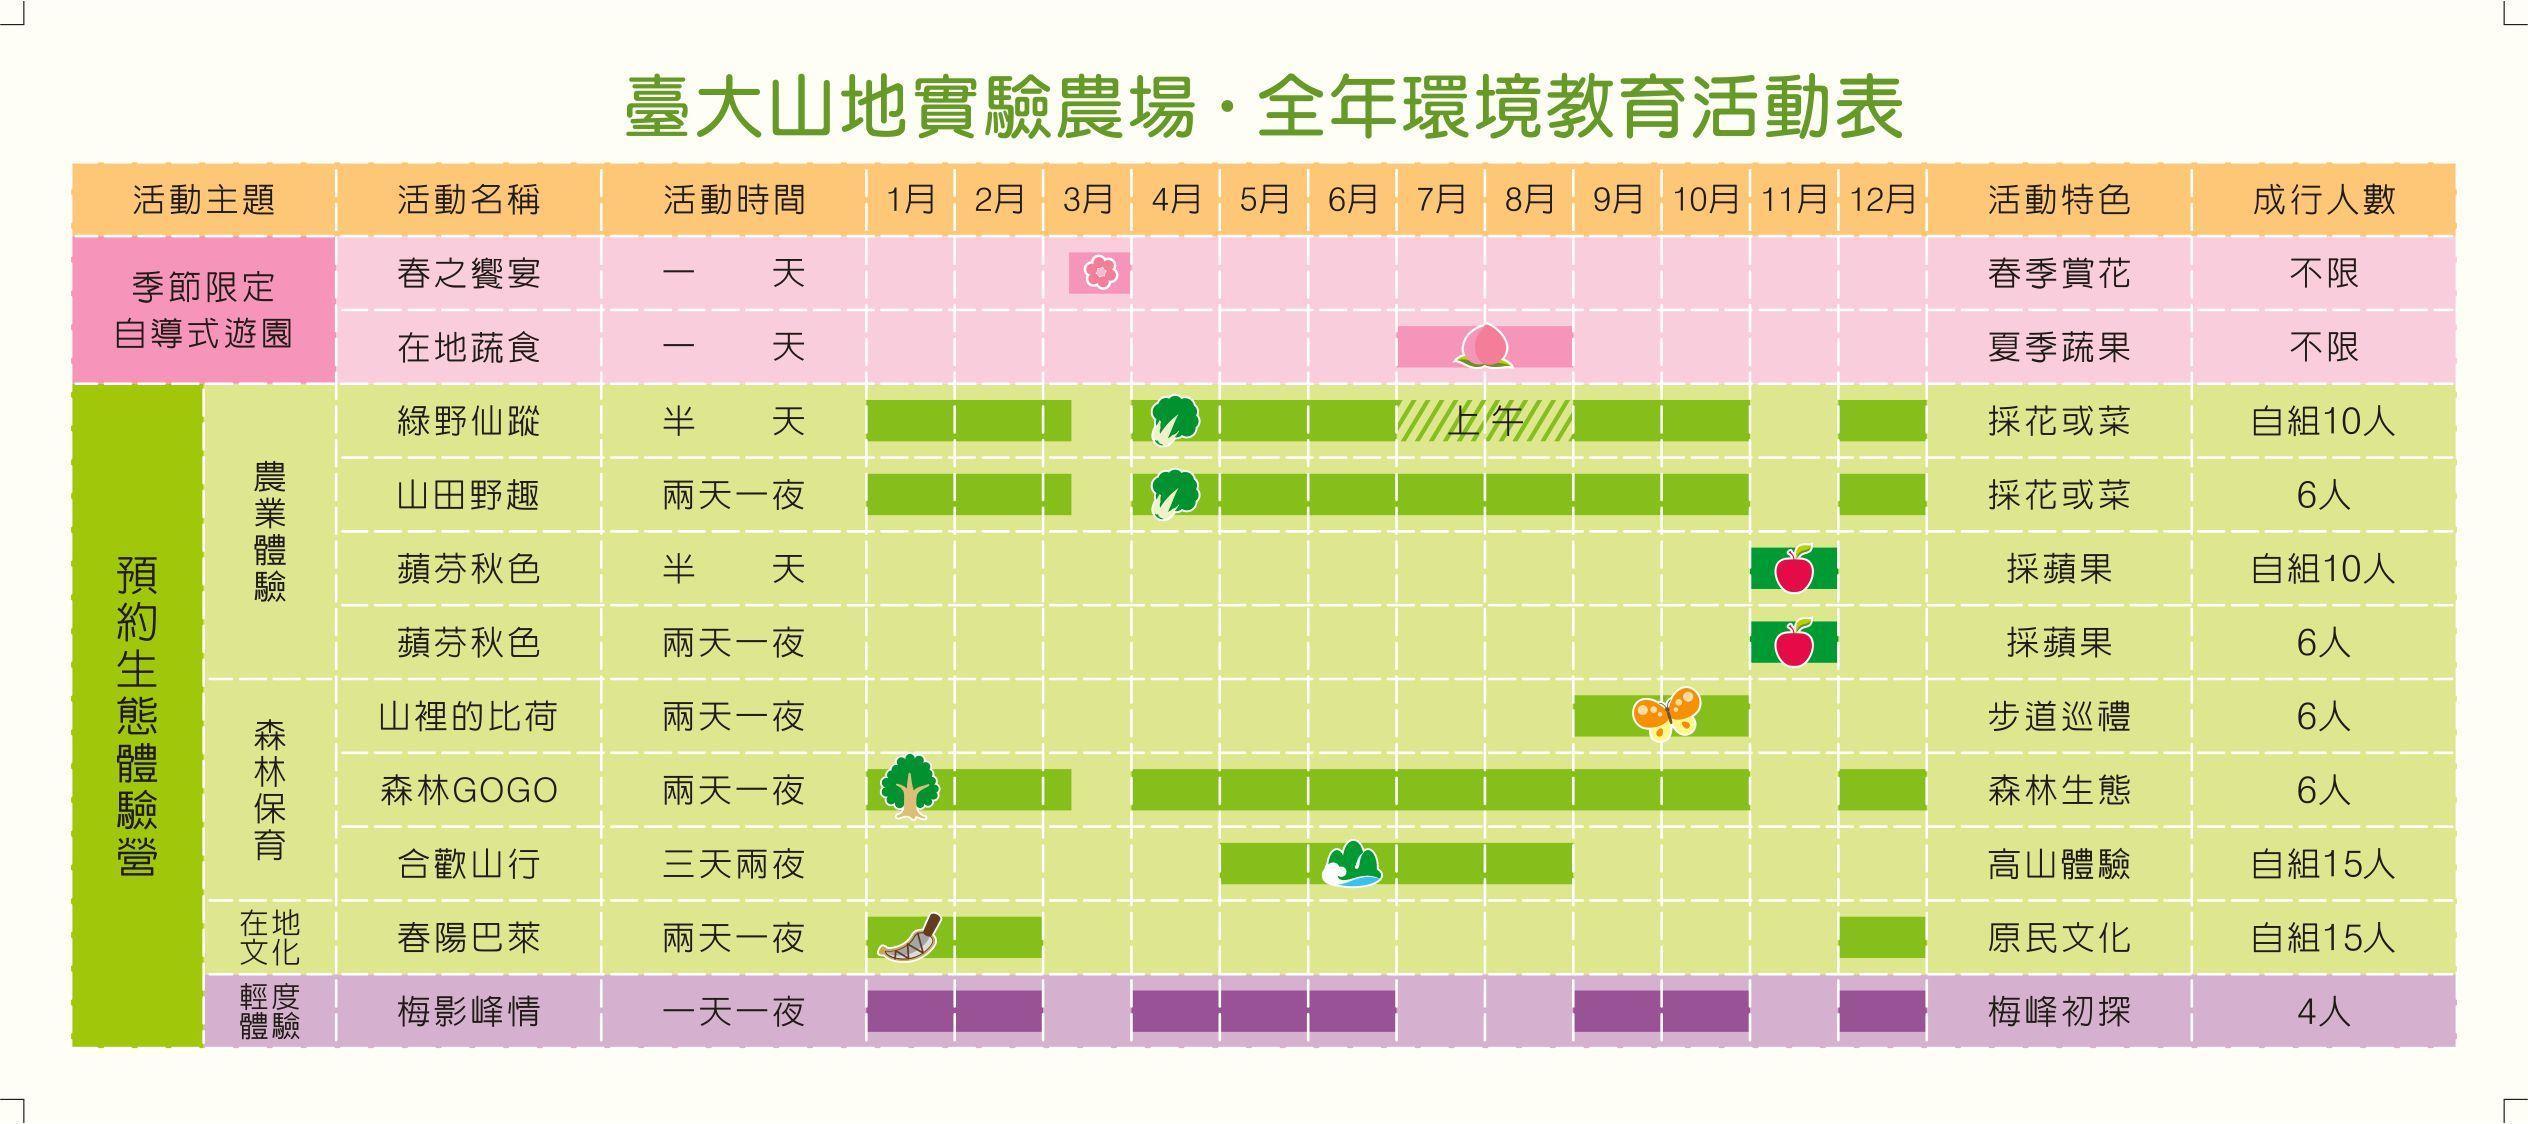 台大山地實驗農場。全年環境教育活動表